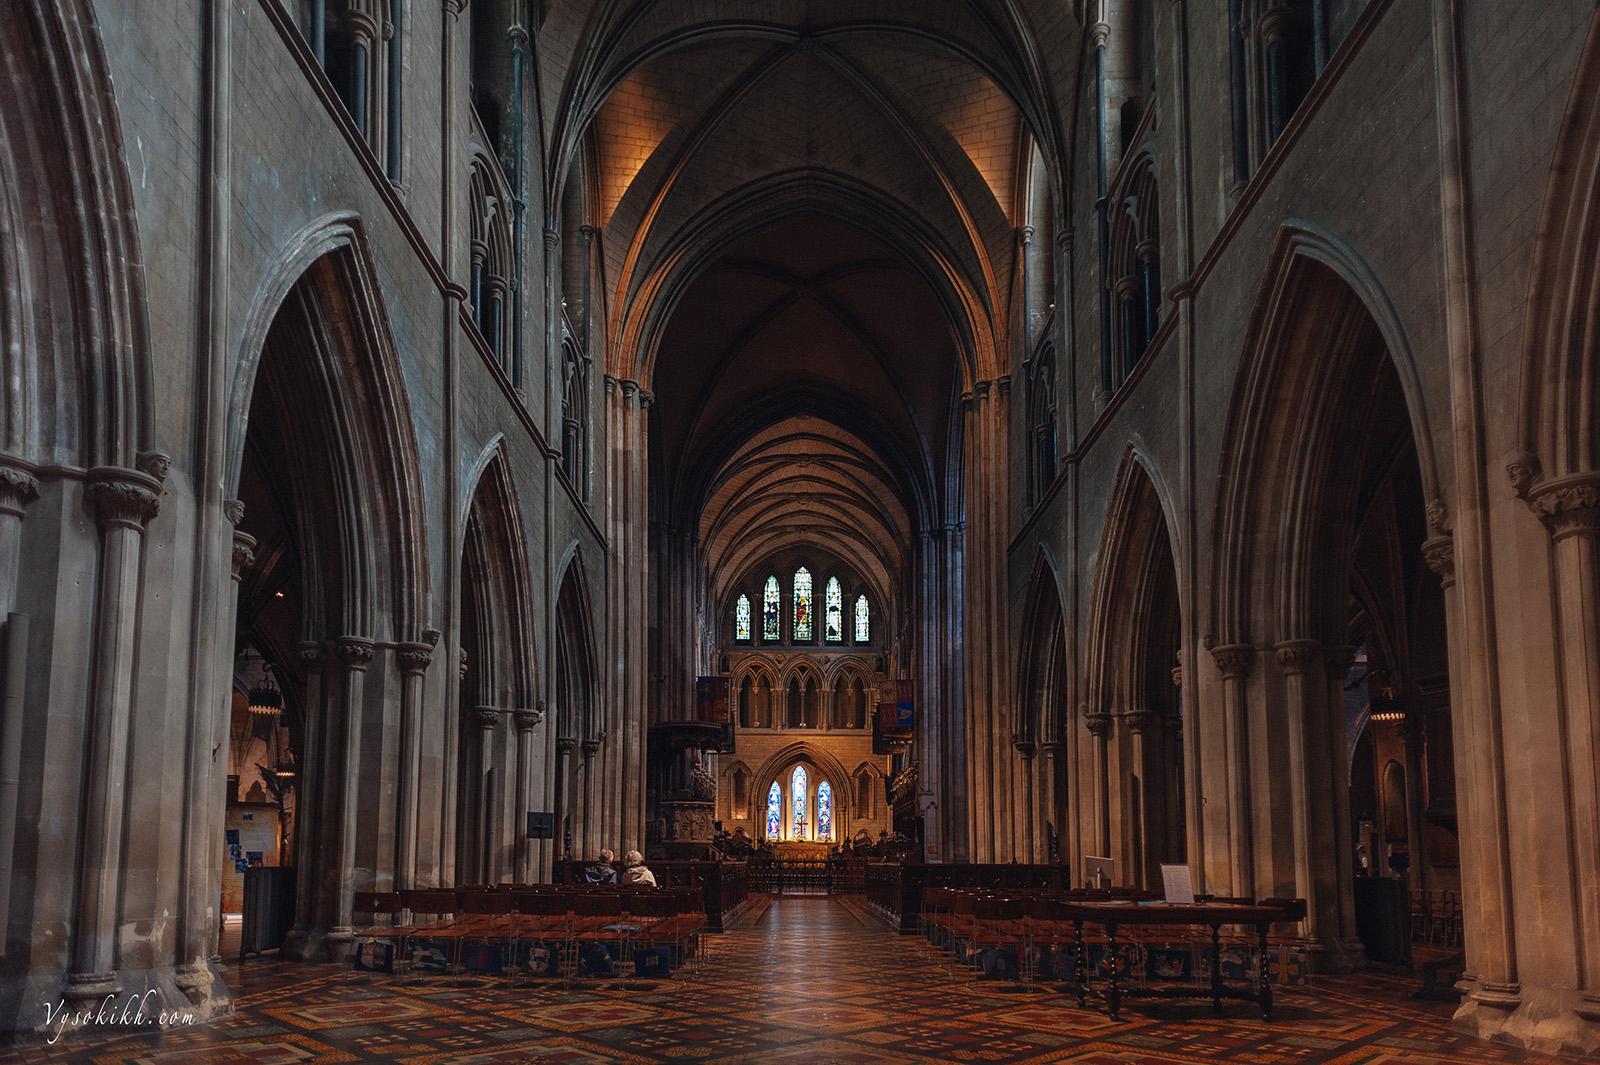 Saint Patrick's Cathedral (Árd Eaglais Naomh Pádraig)  - Собор Святого Патрика, возможно, не столь примечателен снаружи, но очень красивый внутри.